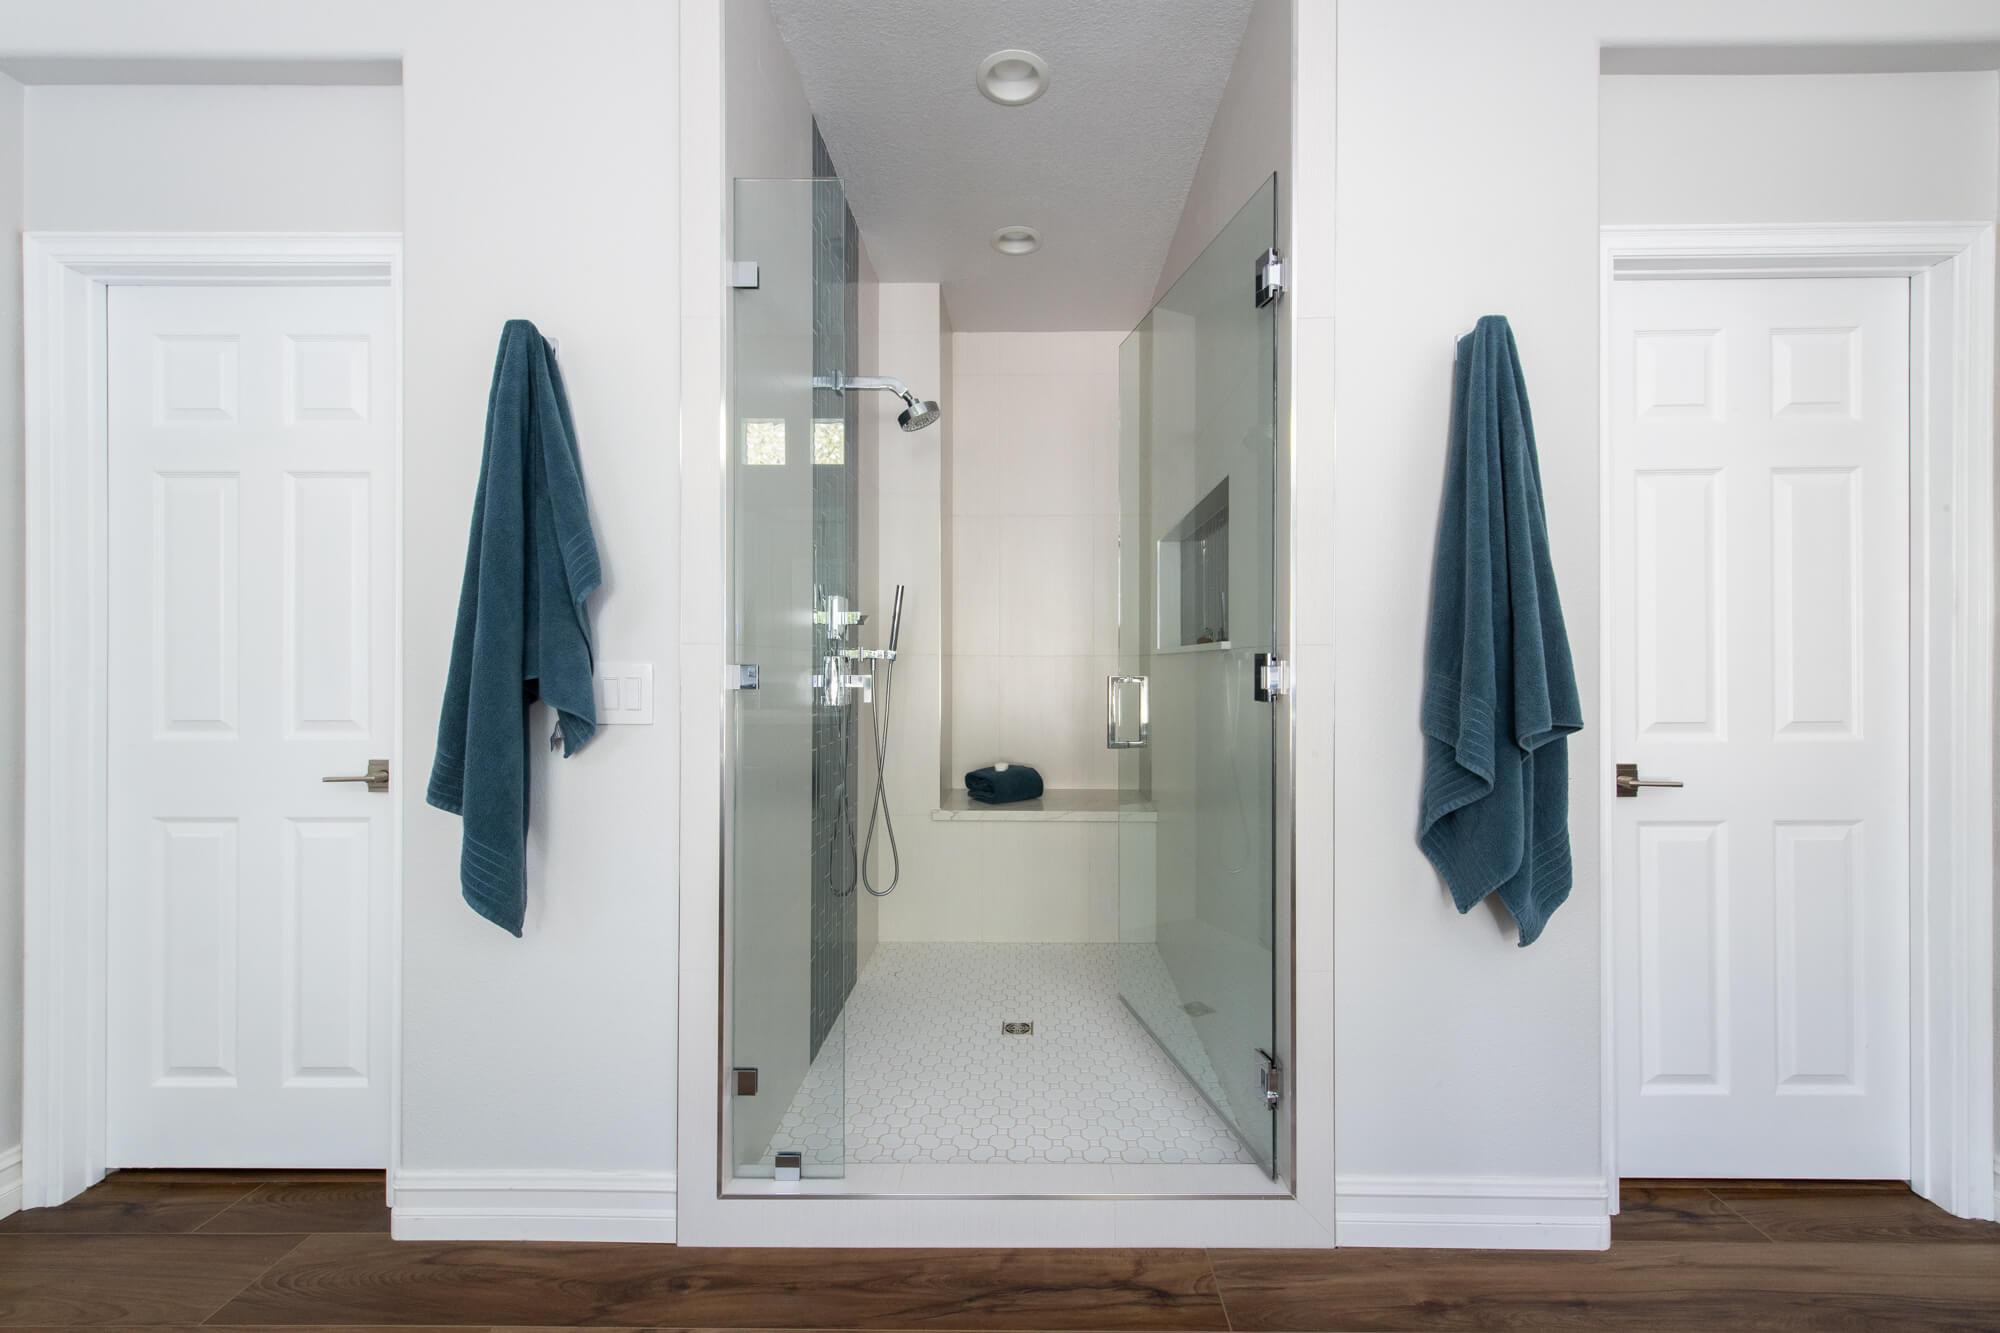 Walk-in-shower-remodel-in-Rancho-Santa-Margarita